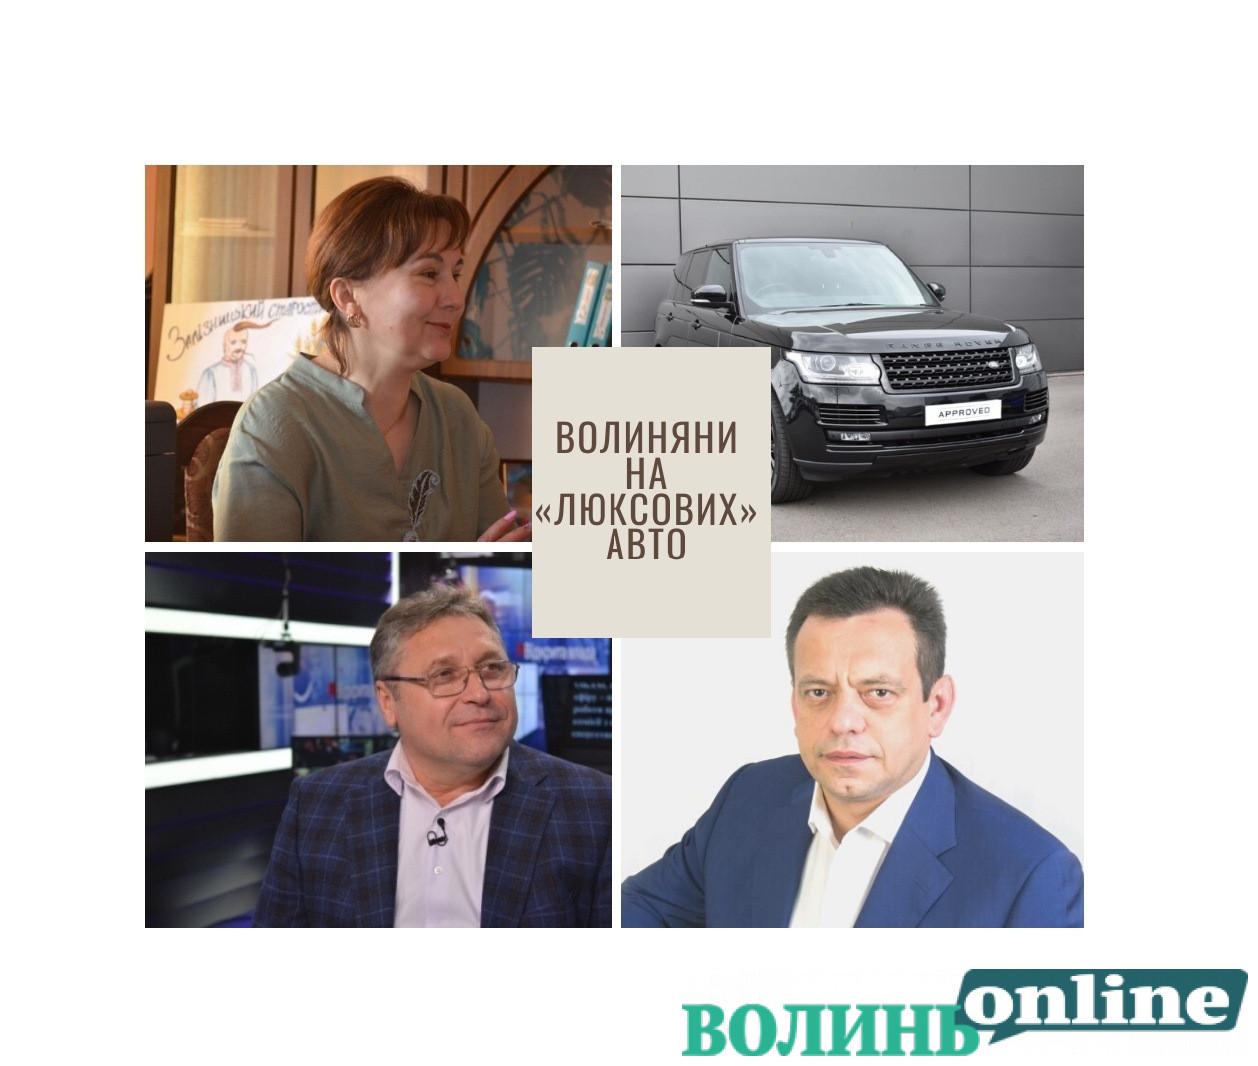 Волинські посадовці, депутати та працівники суду на «люксових» авто. ТОП-10